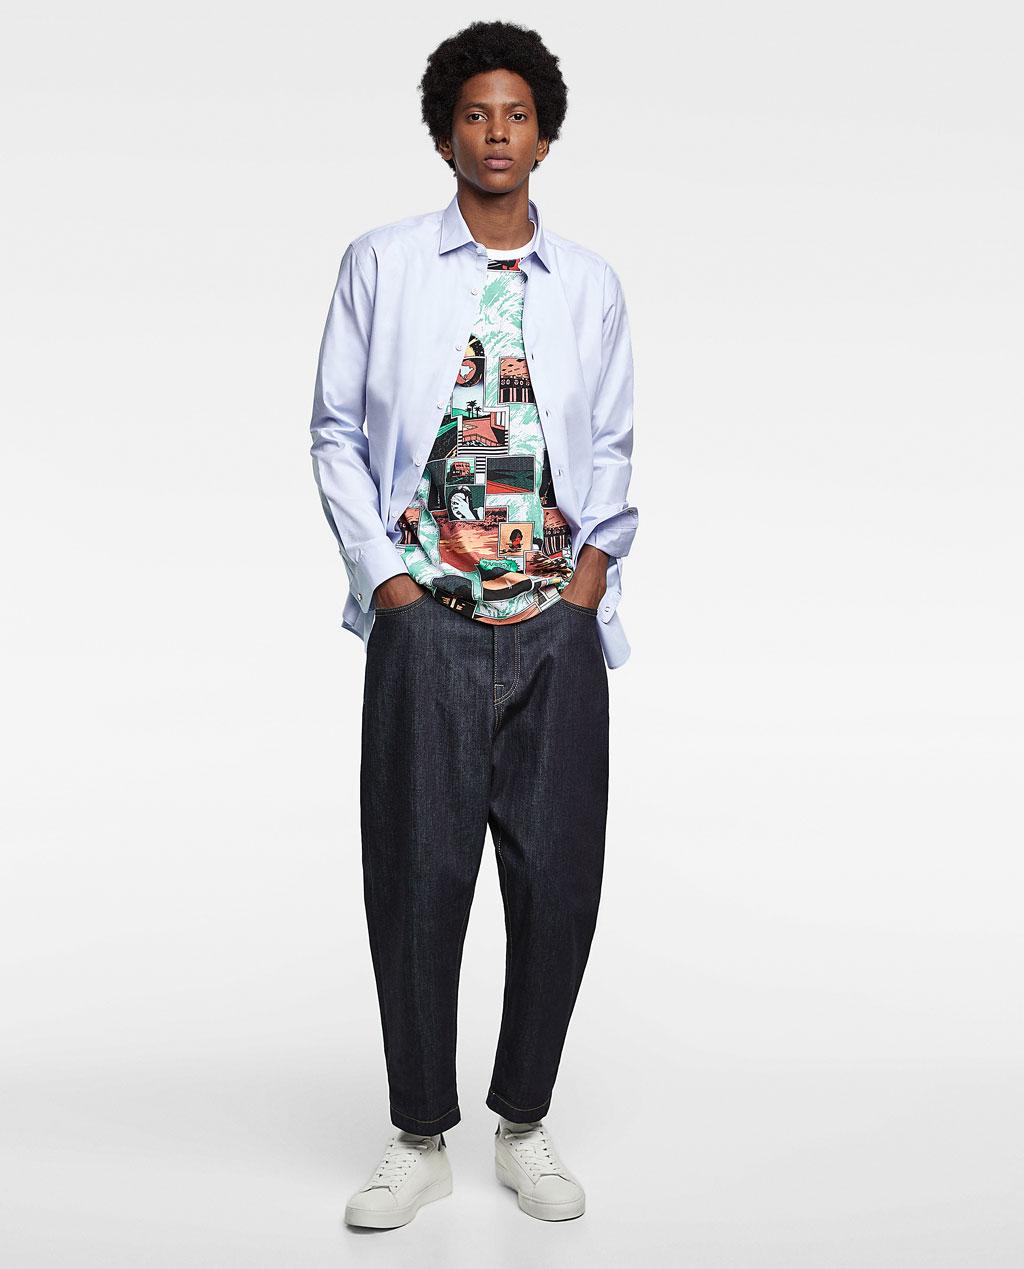 Thời trang nam Zara  23983 - ảnh 3